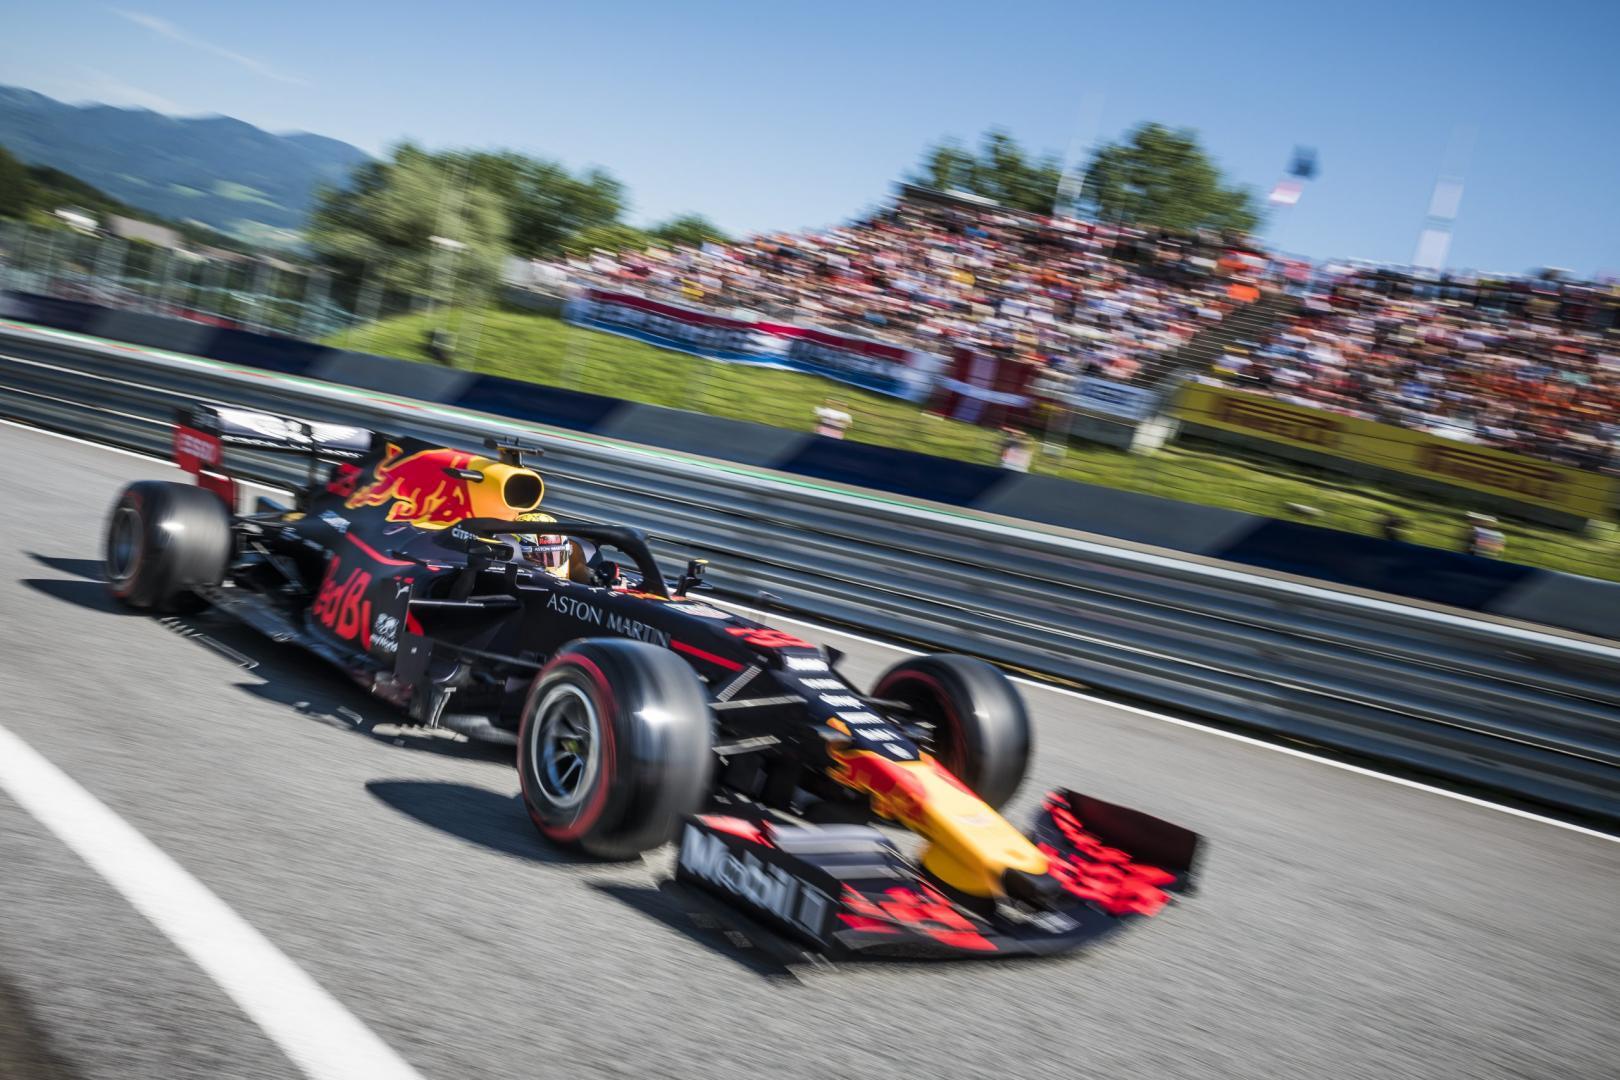 Uitslag van de GP van Oostenrijk 2019